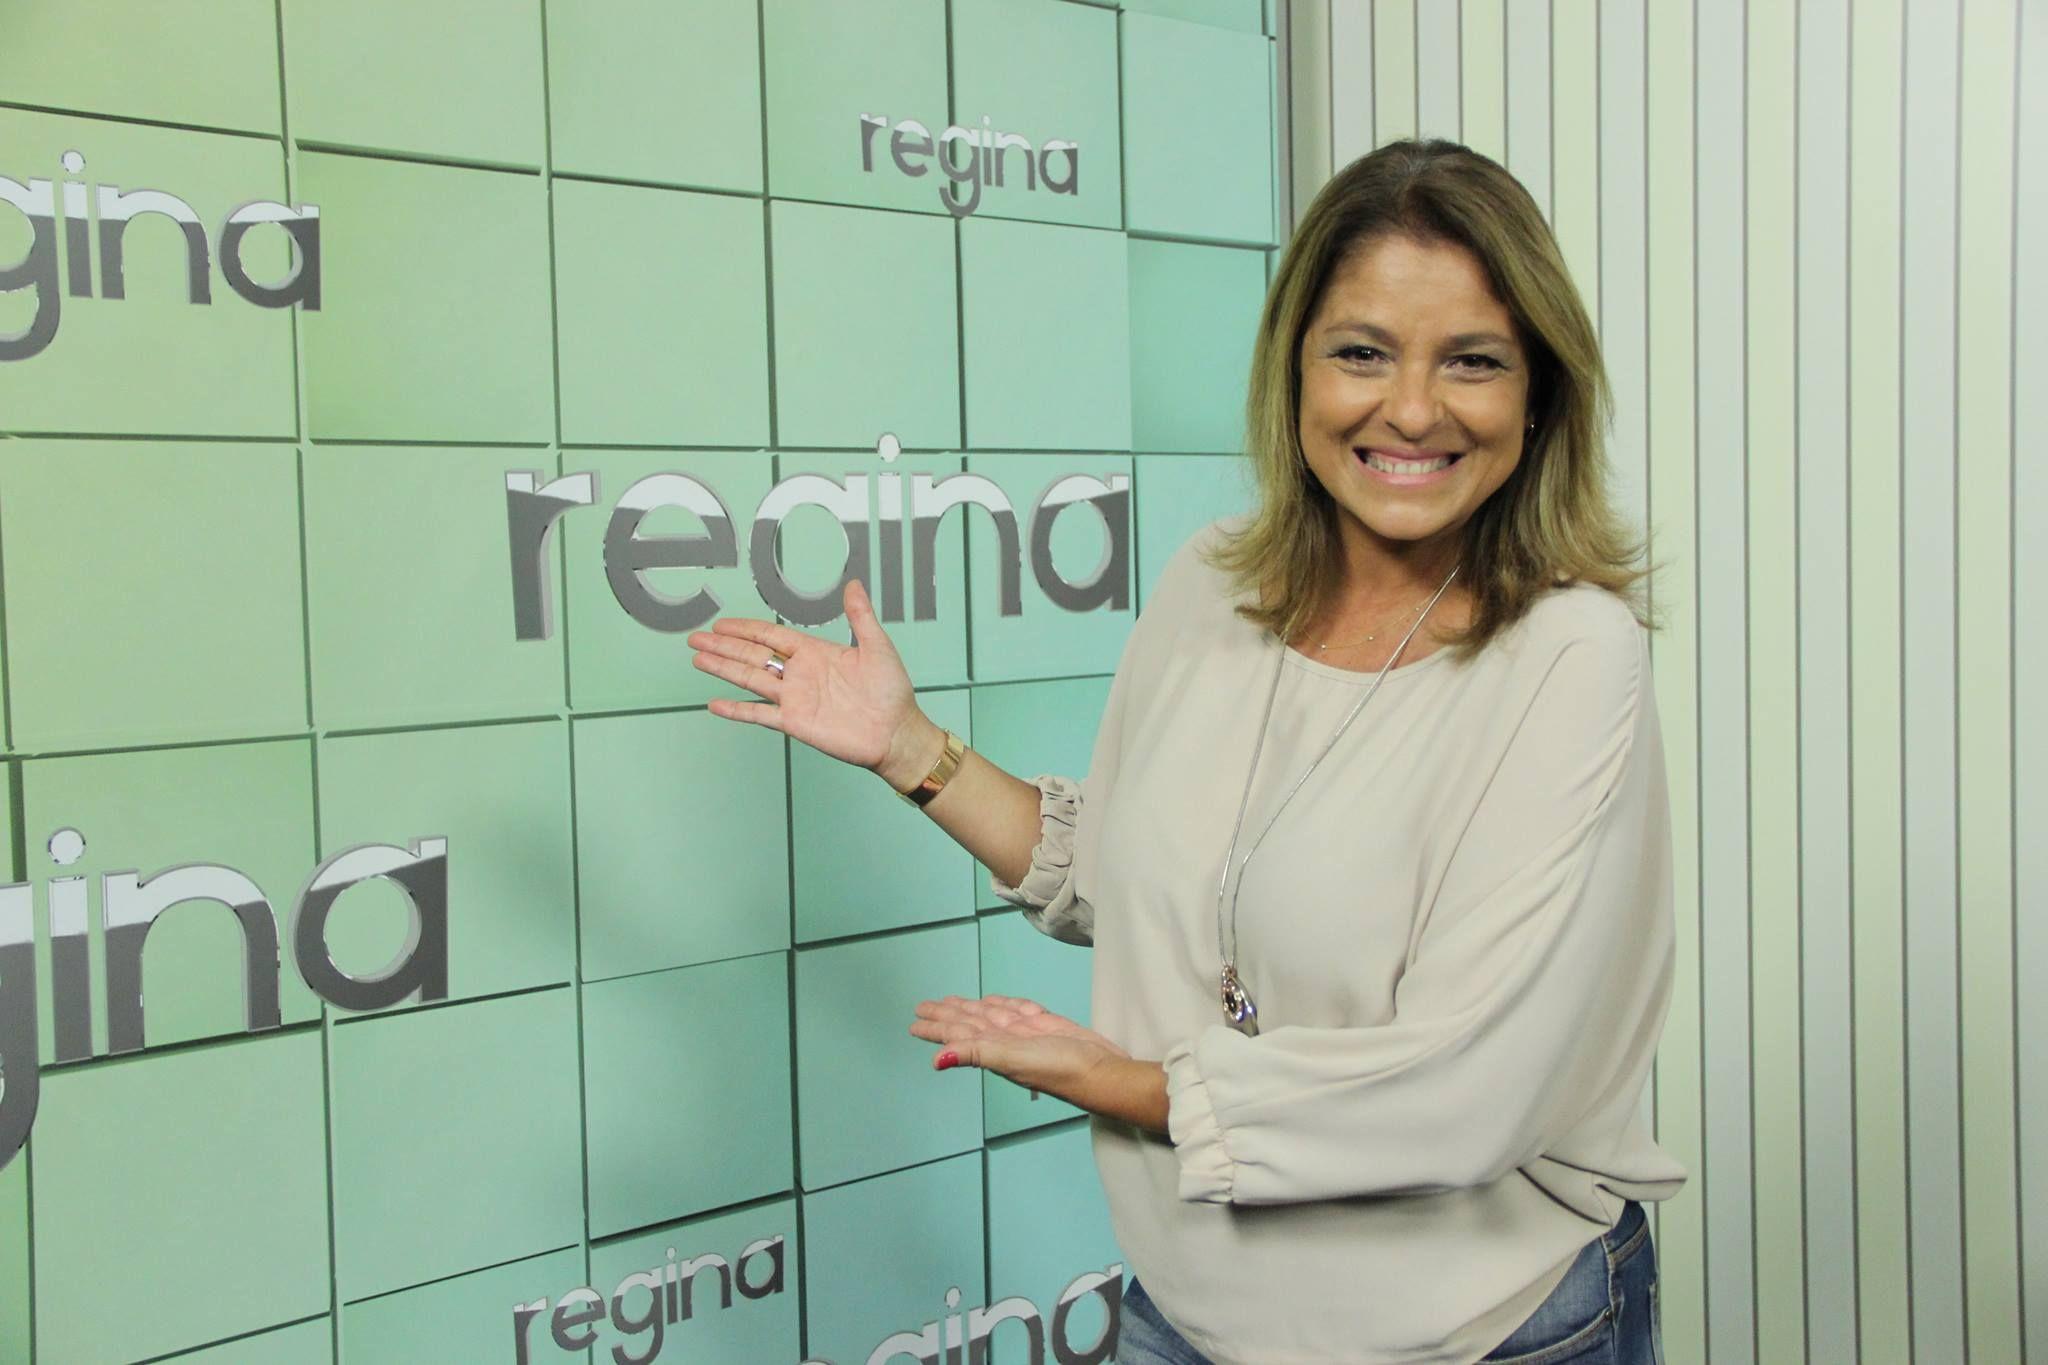 Estreia hoje o programa semanal da Regina / Gabriela Quadros/Band RS